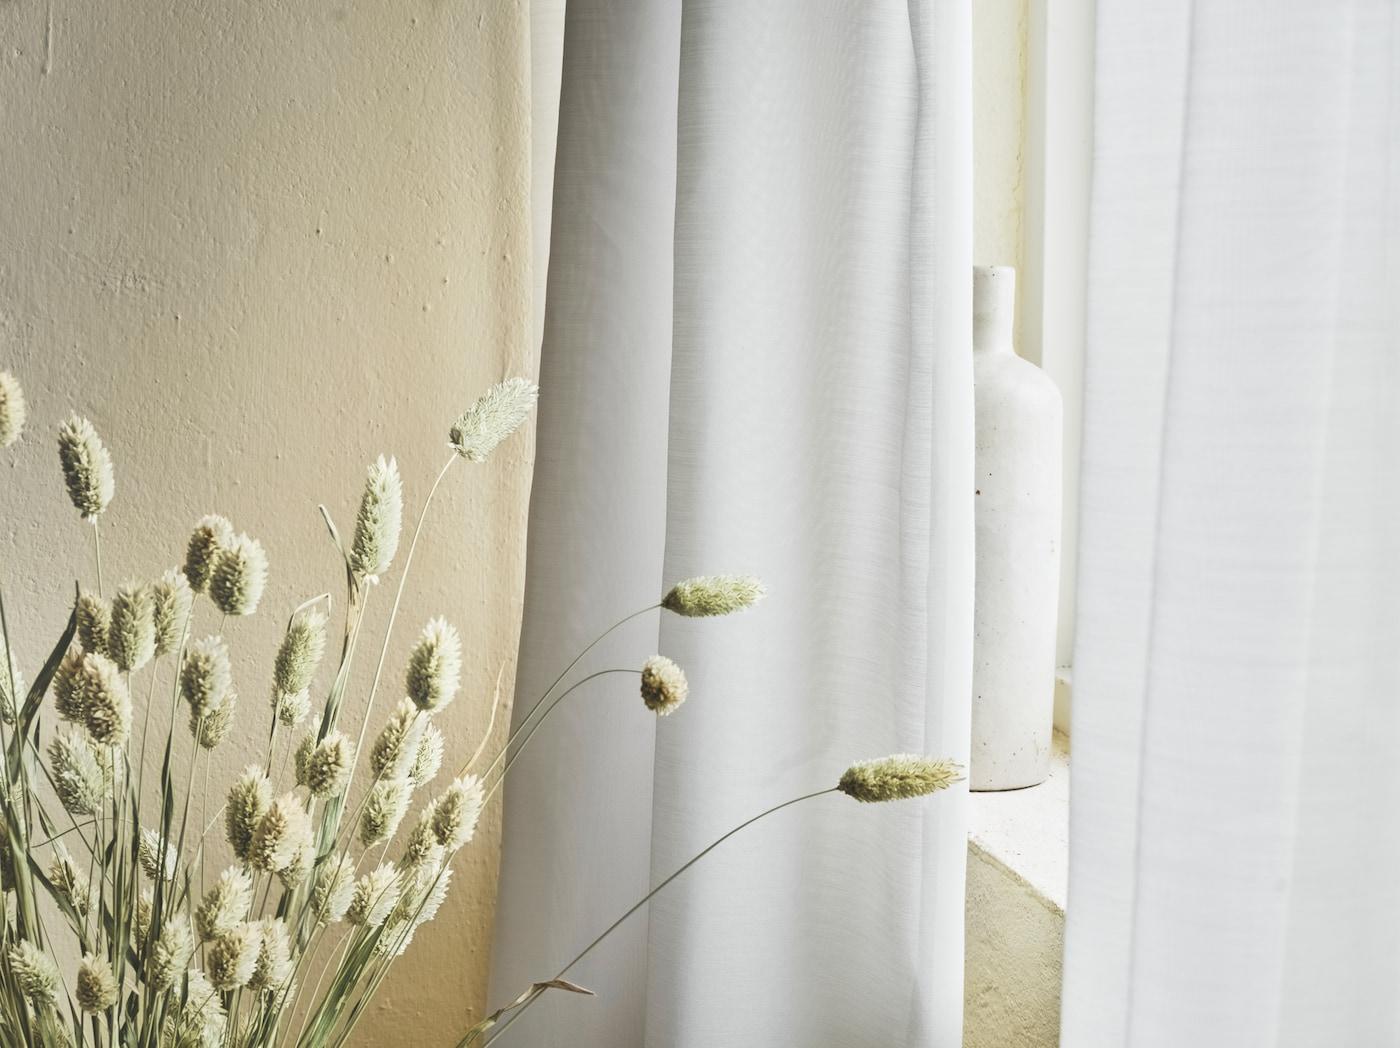 Detalhe dos cortinados purificadores de ar GUNRID pendurados numa janela ao lado de espigas secas.